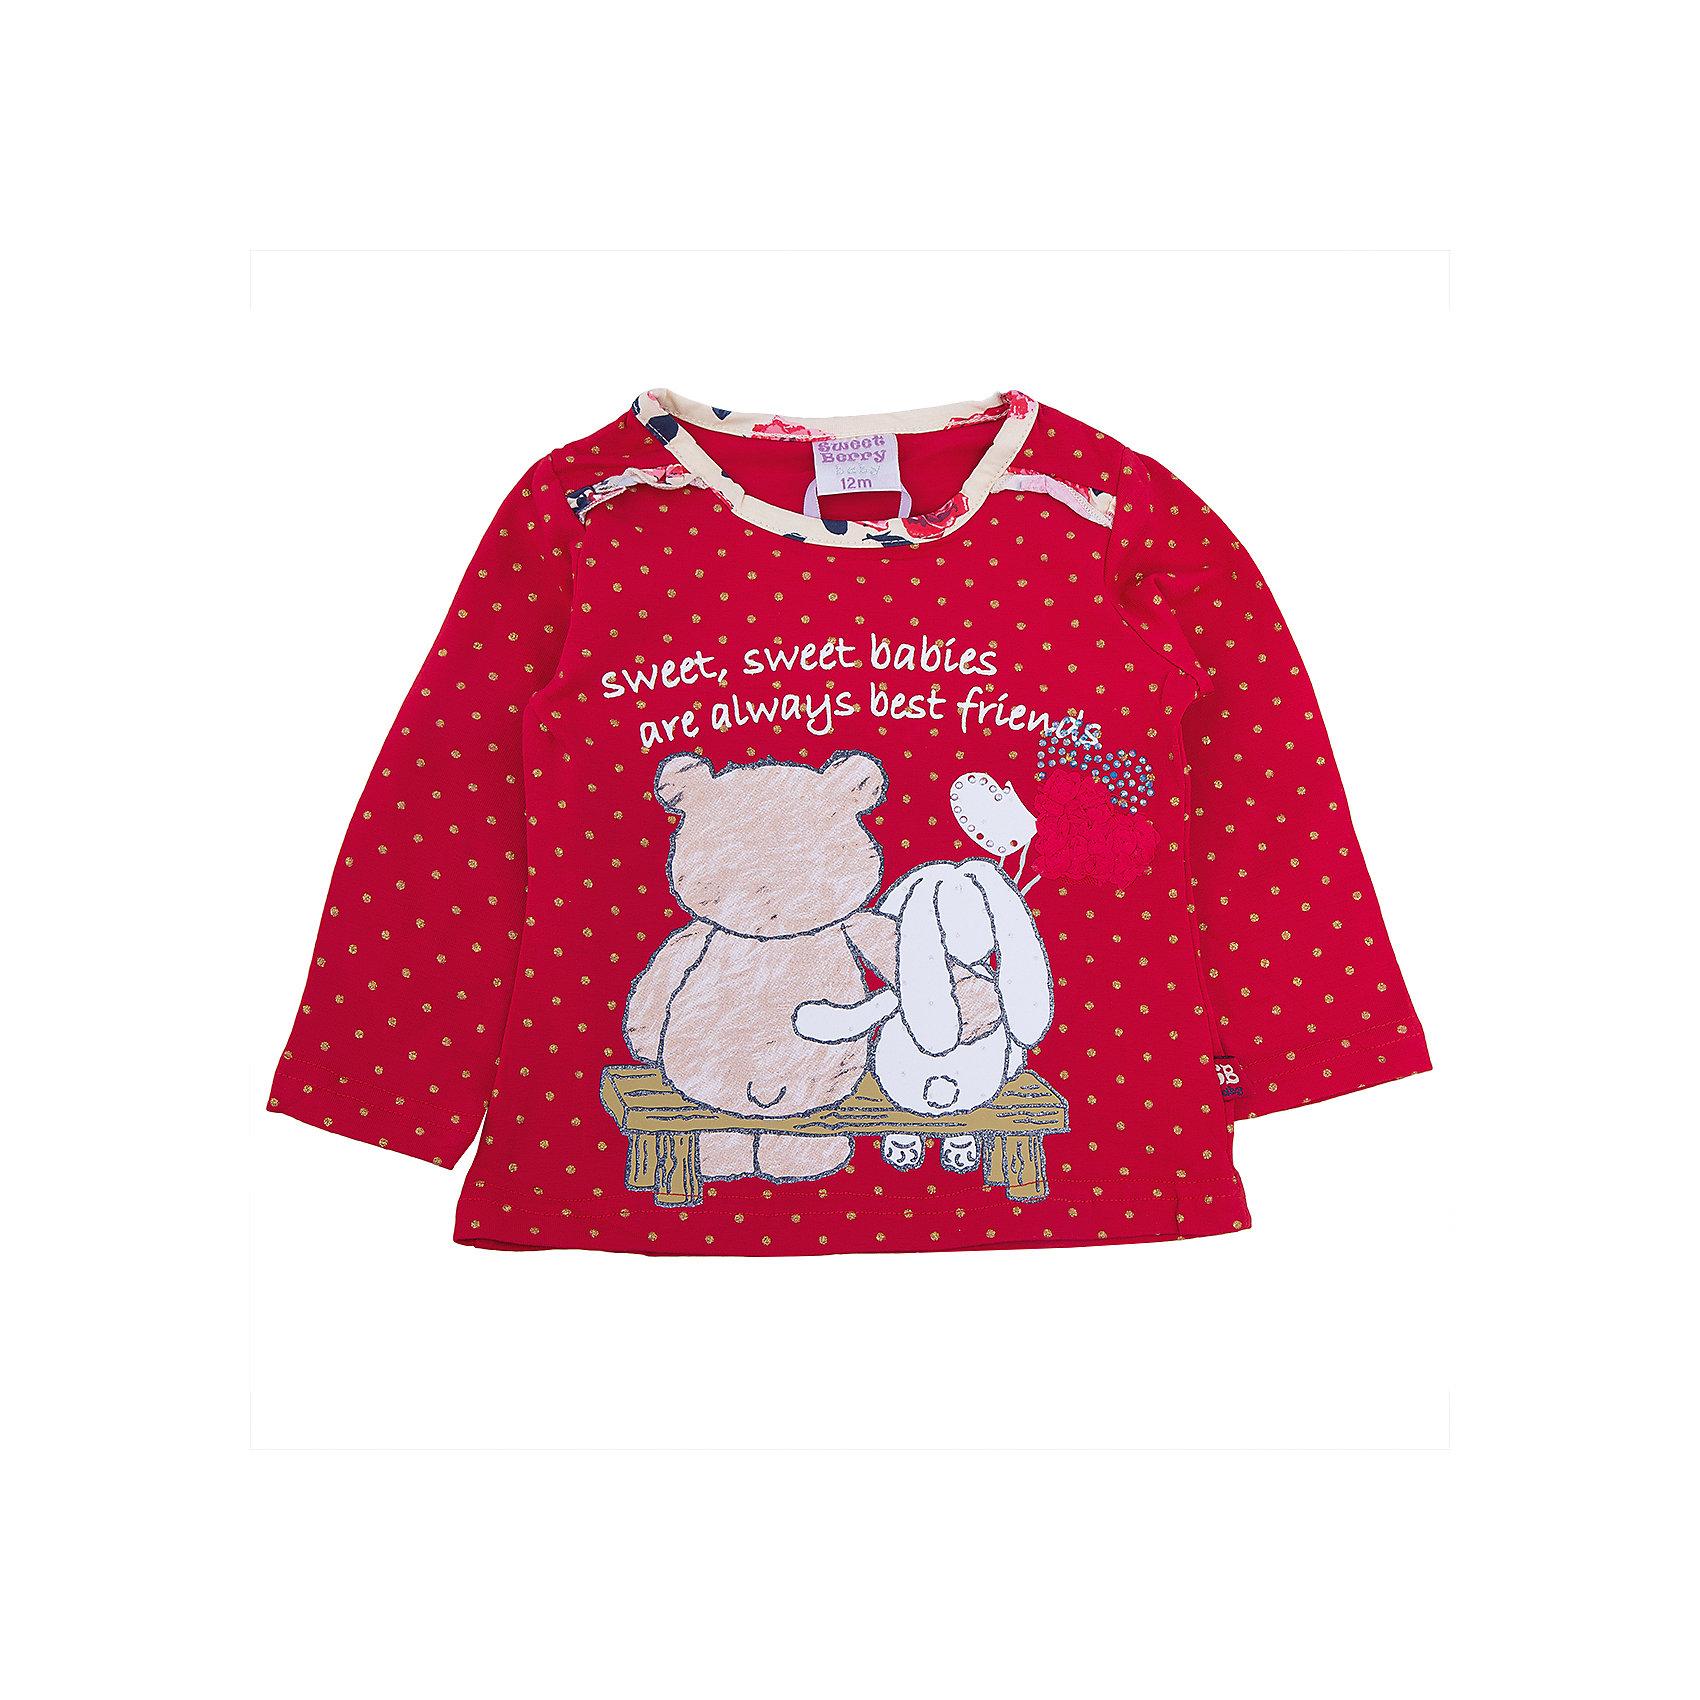 Футболка с длинным рукавом для девочки Sweet BerryФутболки с длинным рукавом<br>Такая футболка с длинным рукавом для девочки отличается модным дизайном с ярким принтом и воланами. Удачный крой обеспечит ребенку комфорт и тепло. Вещь плотно прилегает к телу там, где нужно, и отлично сидит по фигуре.<br>Одежда от бренда Sweet Berry - это простой и выгодный способ одеть ребенка удобно и стильно. Всё изделия тщательно проработаны: швы - прочные, материал - качественный, фурнитура - подобранная специально для детей. <br><br>Дополнительная информация:<br><br>цвет: бежевый;<br>материал: 95% хлопок, 5% эластан;<br>декорирована принтом.<br><br>Футболку с длинным рукавом для девочки от бренда Sweet Berry можно купить в нашем интернет-магазине.<br><br>Ширина мм: 230<br>Глубина мм: 40<br>Высота мм: 220<br>Вес г: 250<br>Цвет: красный<br>Возраст от месяцев: 24<br>Возраст до месяцев: 36<br>Пол: Женский<br>Возраст: Детский<br>Размер: 98,80,86,92<br>SKU: 4931333